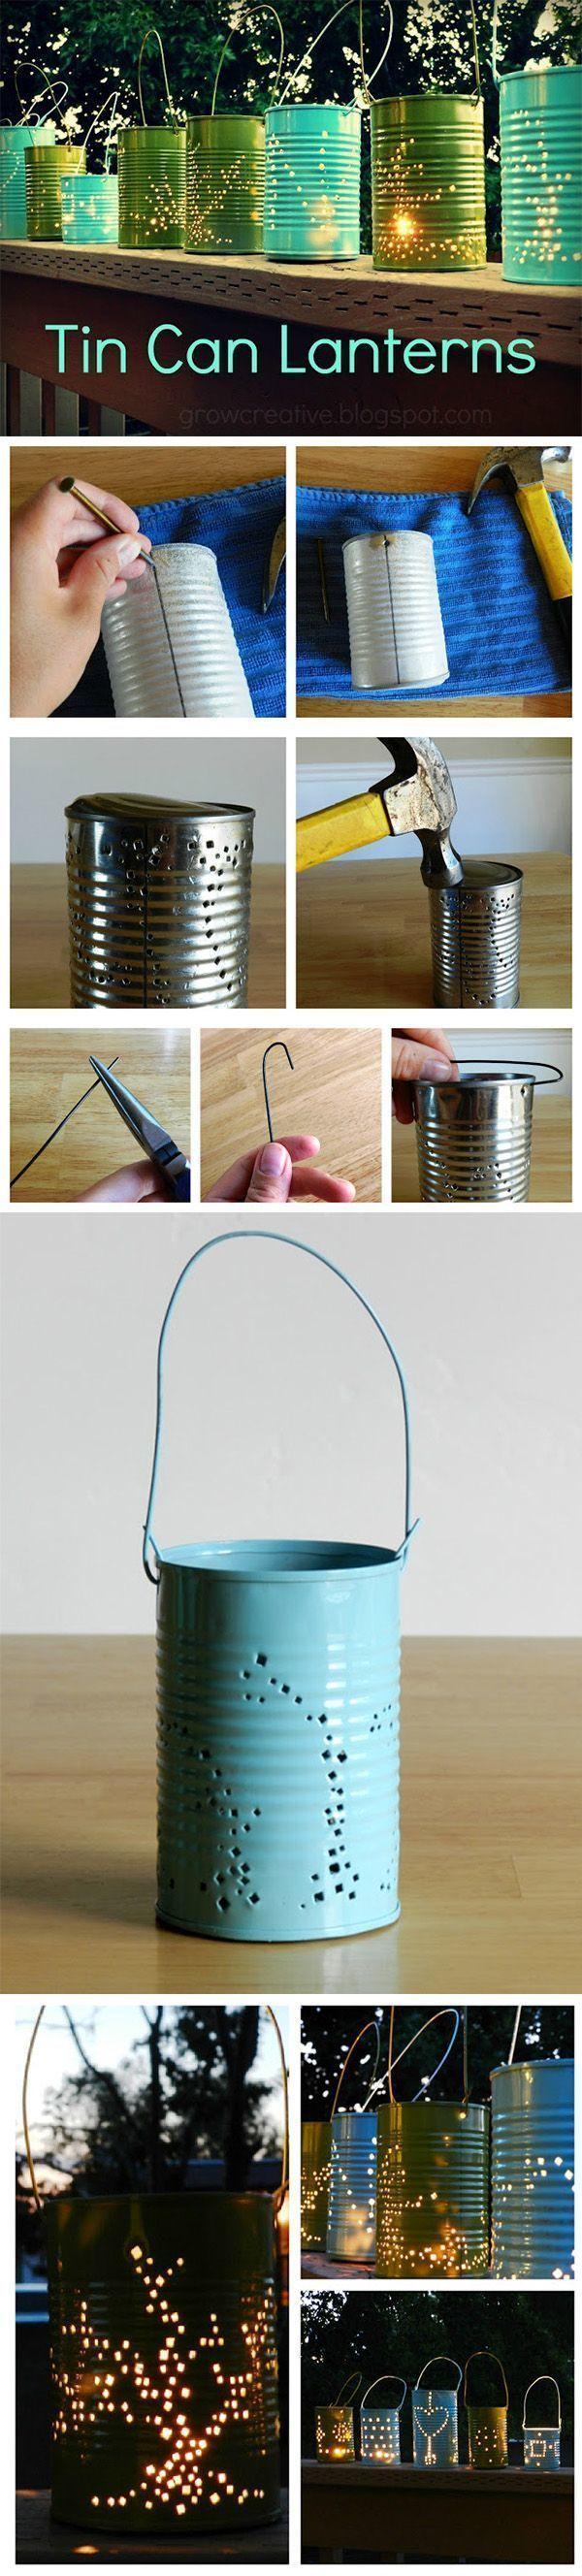 20 kreative DIY-Projekte für Blechdosen… # 4 is…